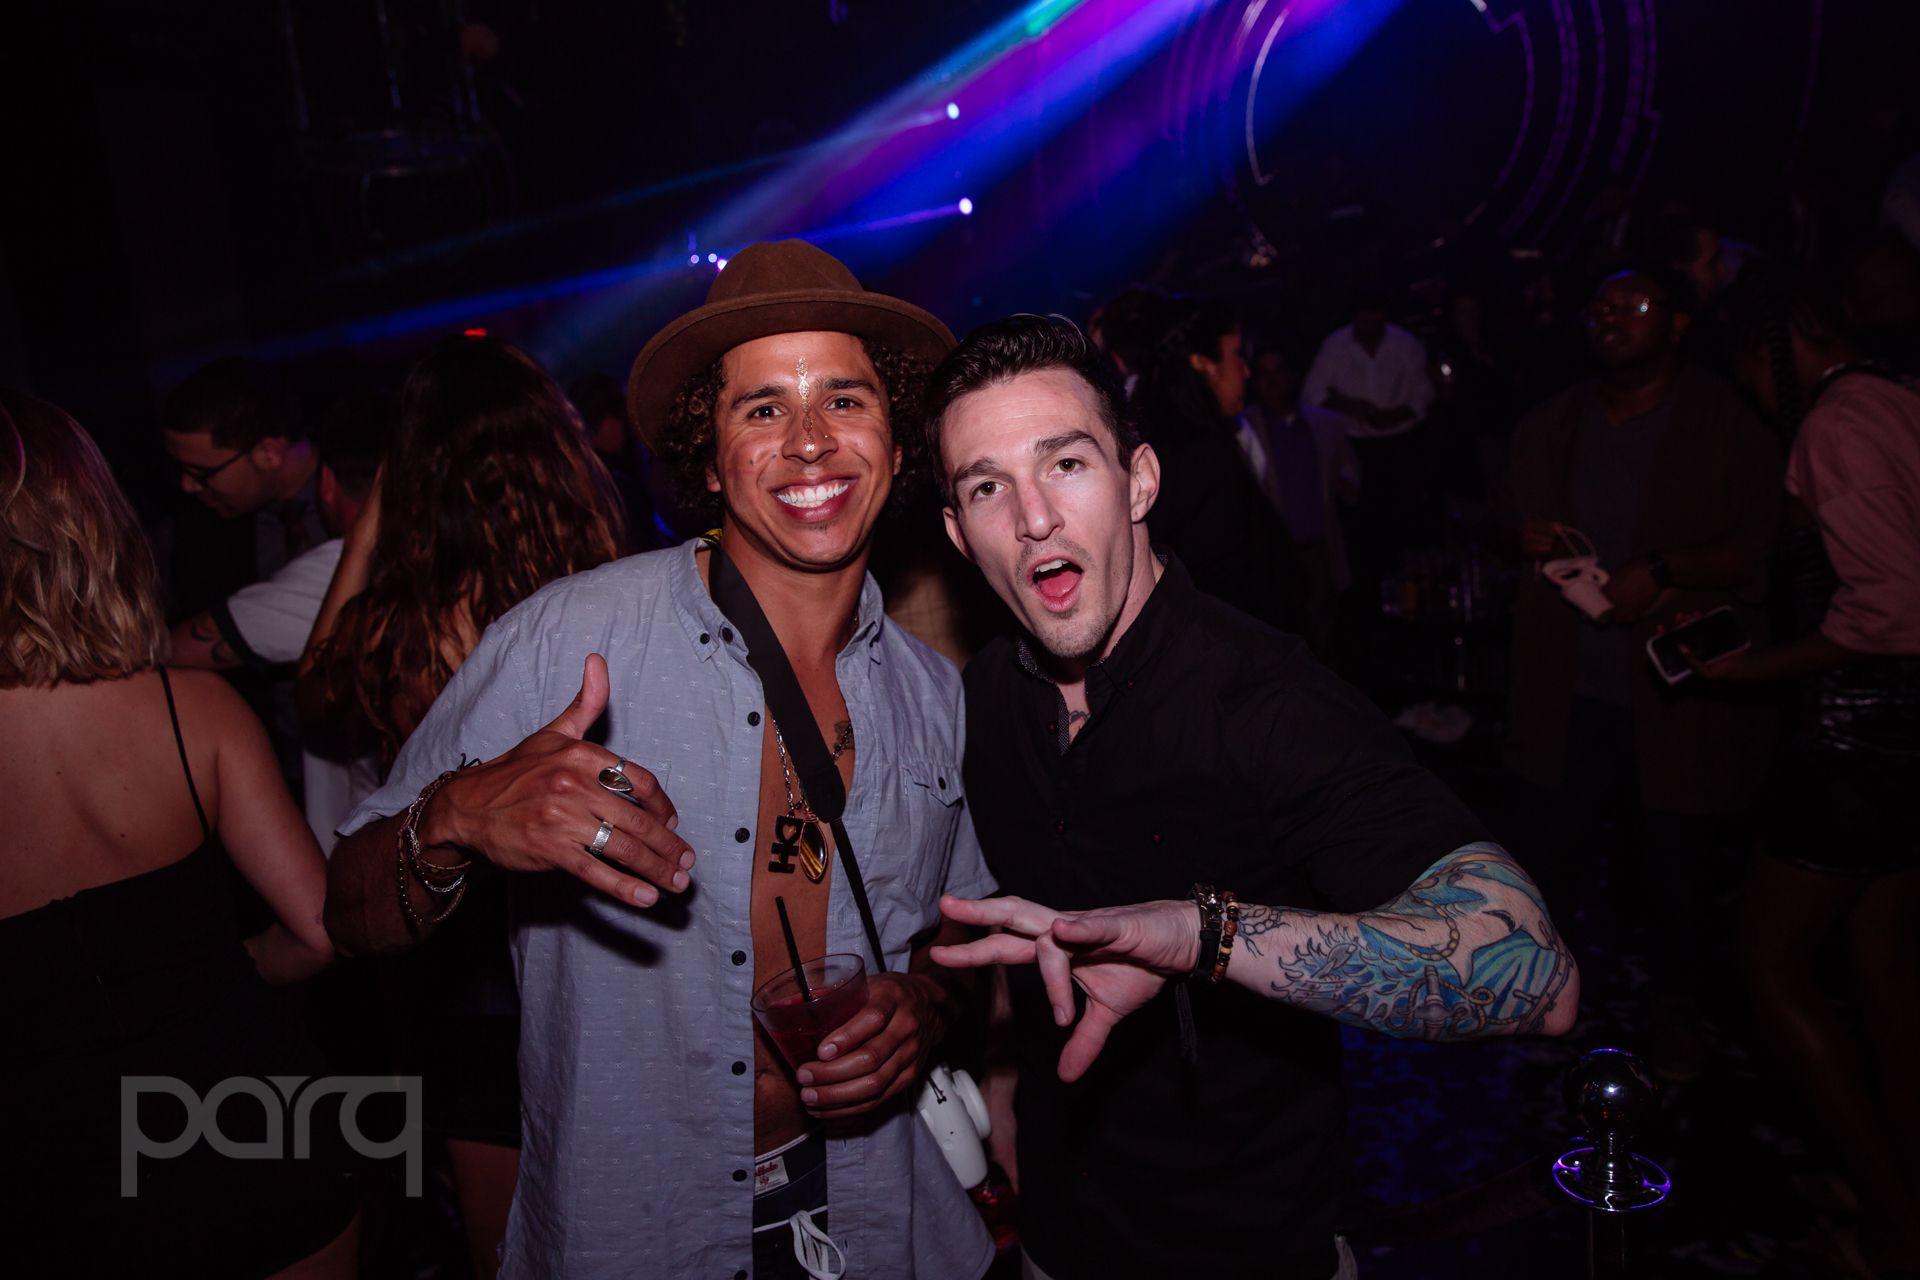 San-Diego-Nightclub-DJ Ikon-12.jpg